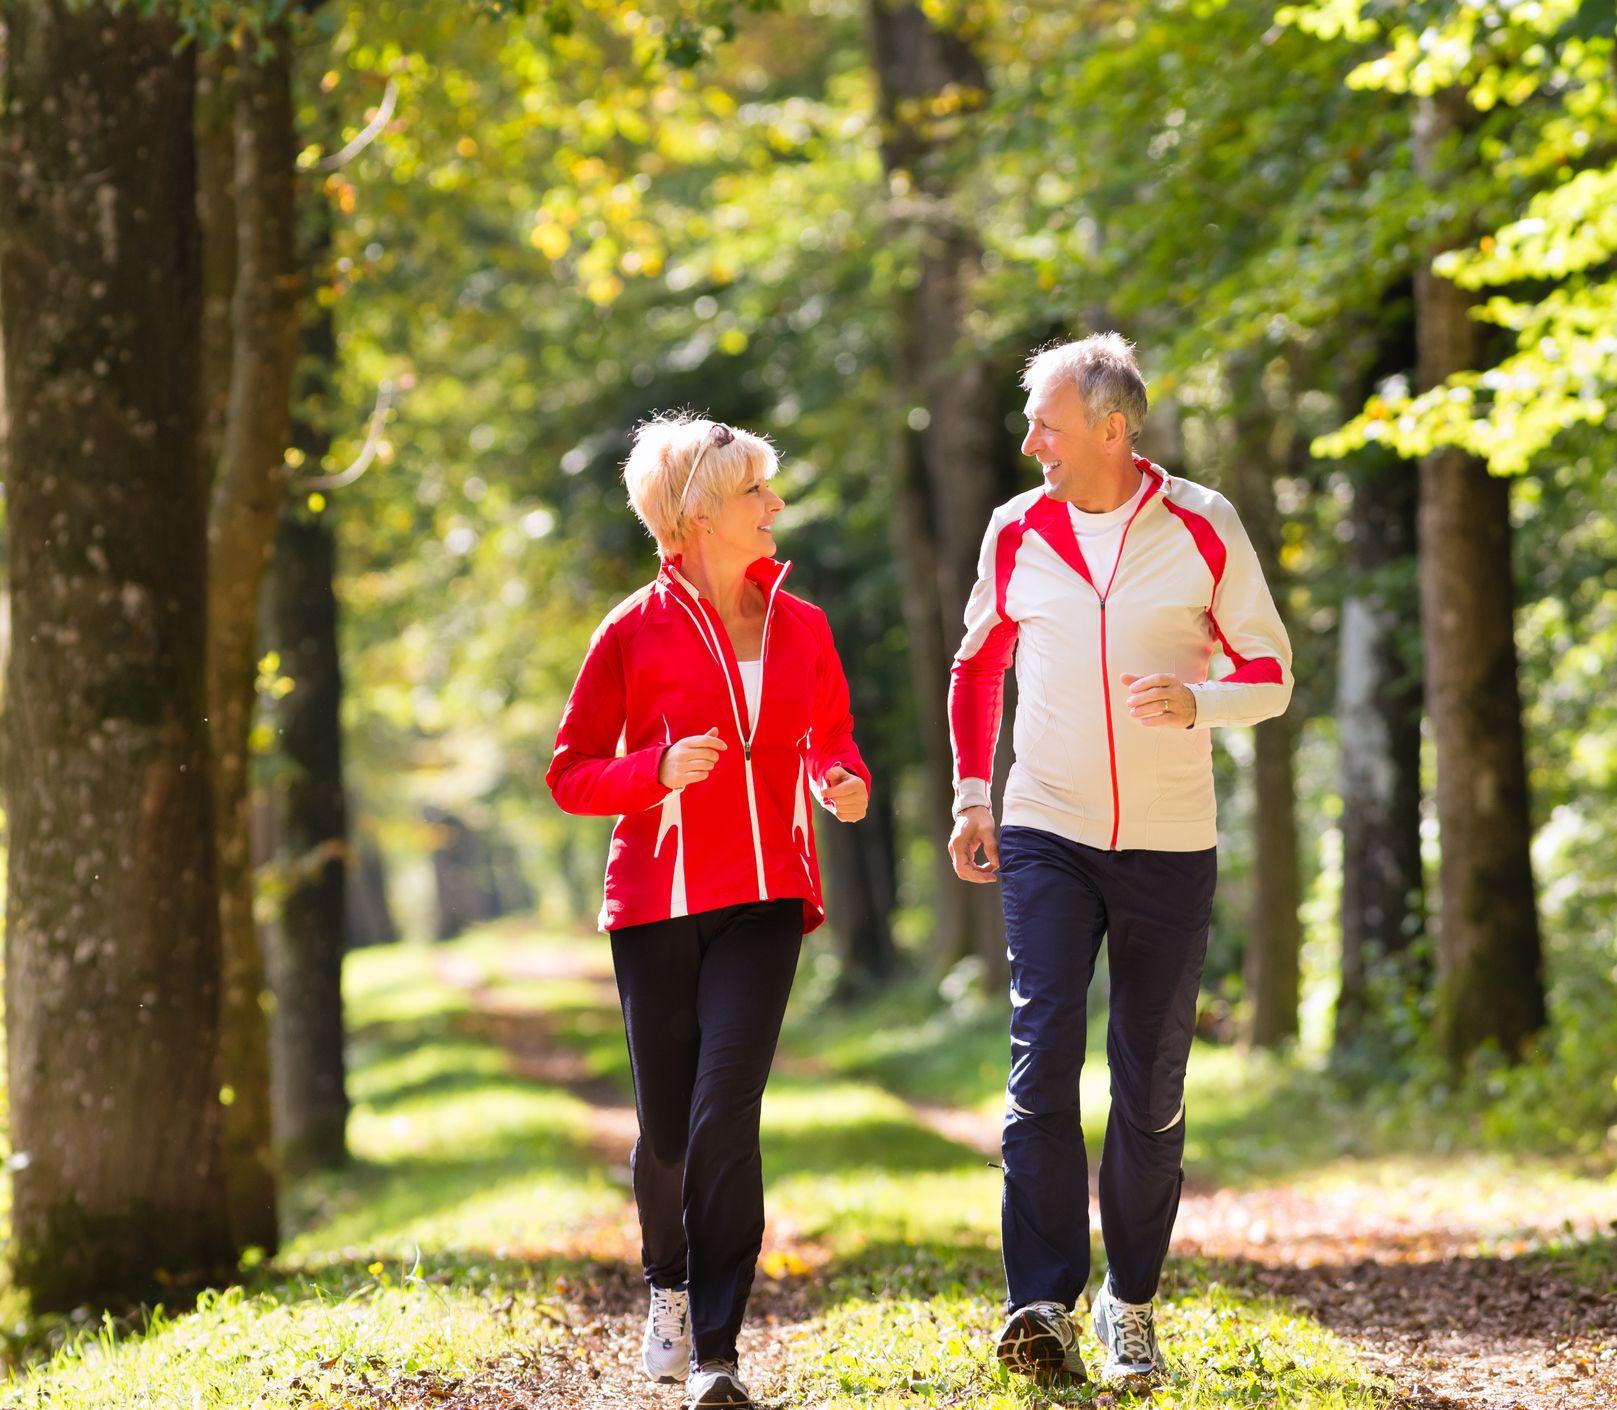 Beh je skvelý celoročný šport: Čo jesť pred, počas a po bežeckom tréningu?